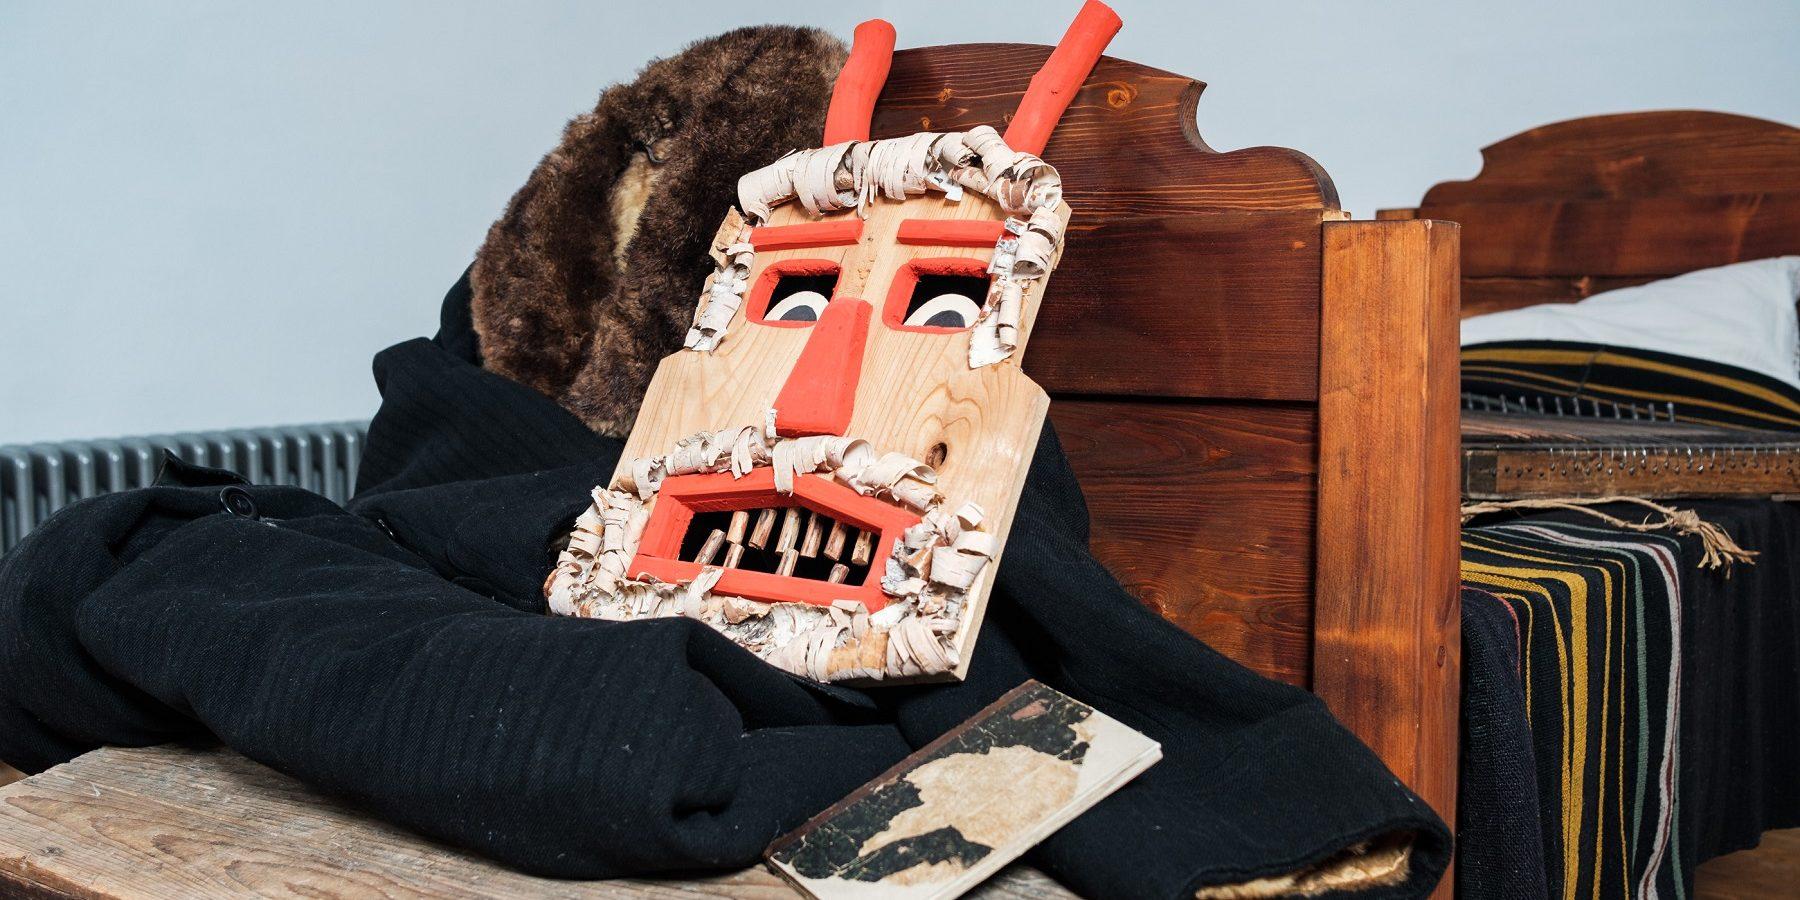 Tootsi mask